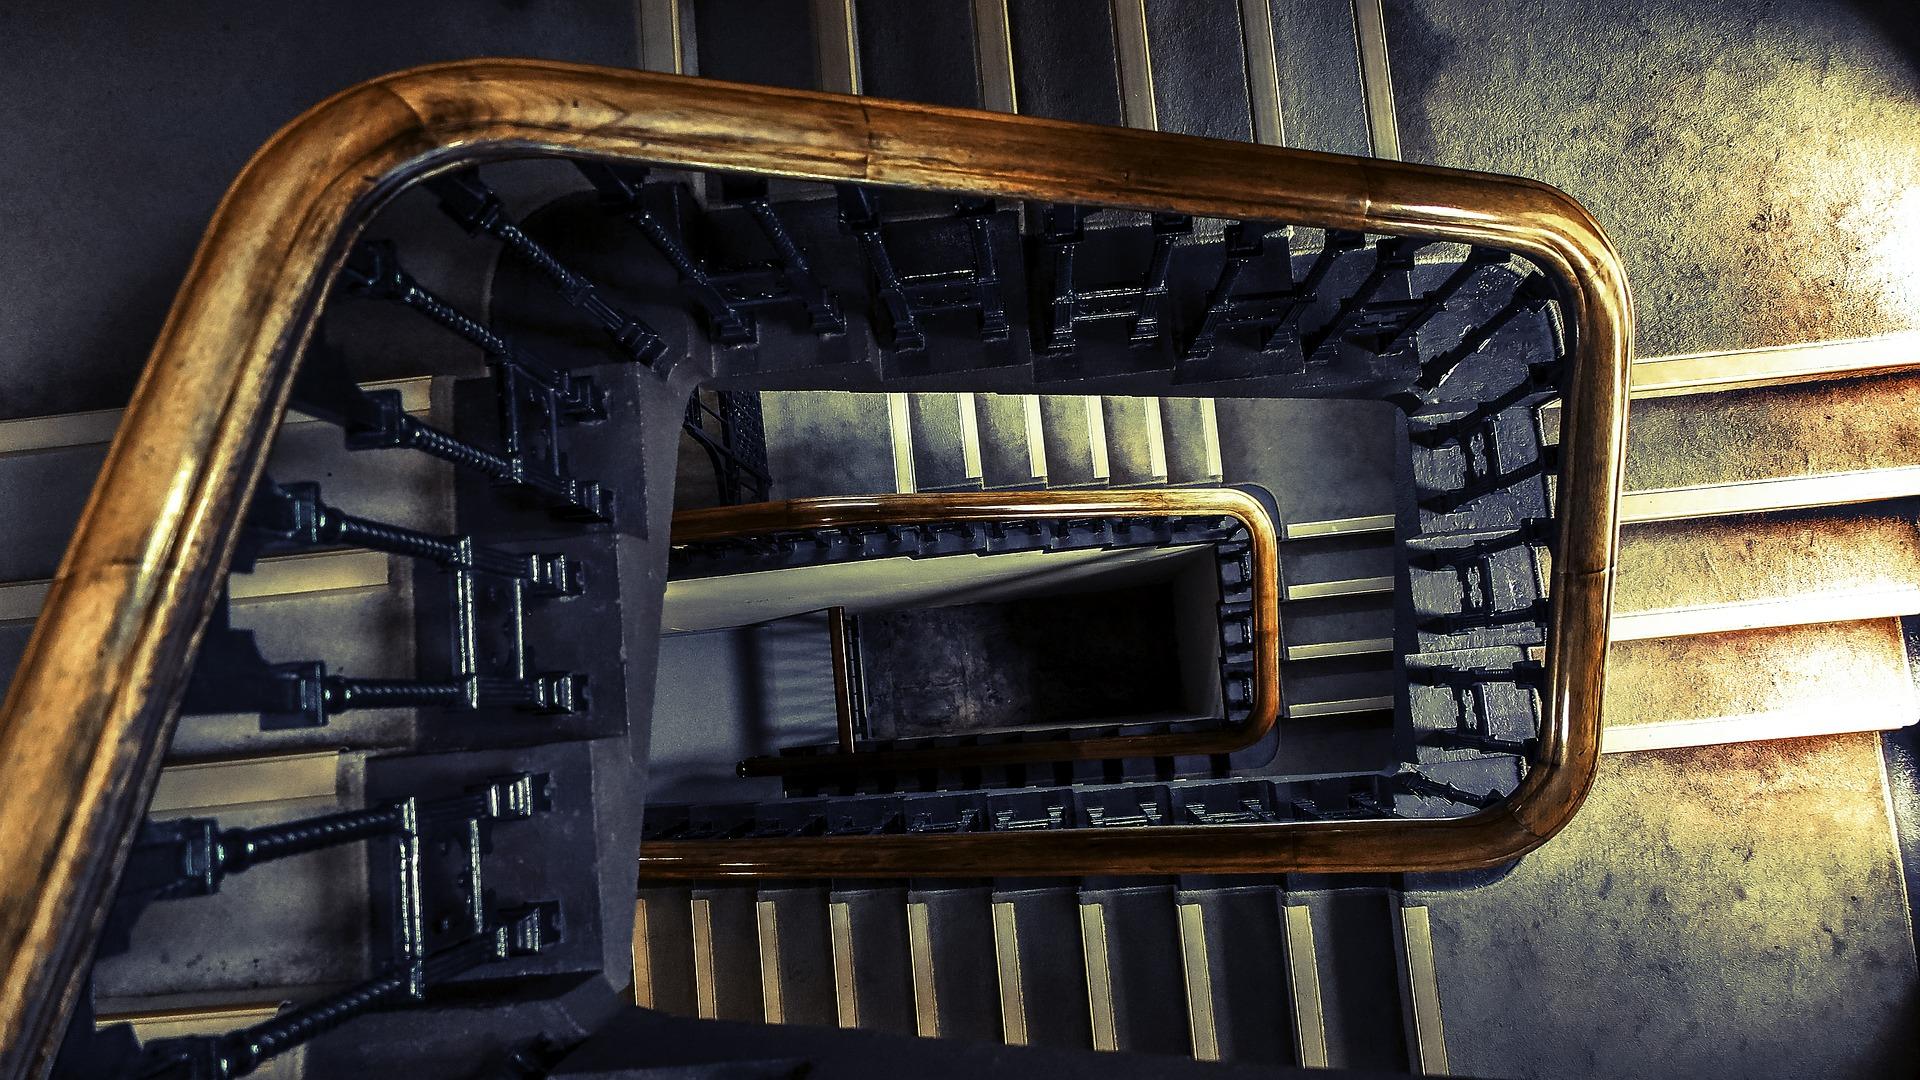 Schody na poddasze. Usytuowanie i oświetlenie schodów. Na co zwrócić uwagę?